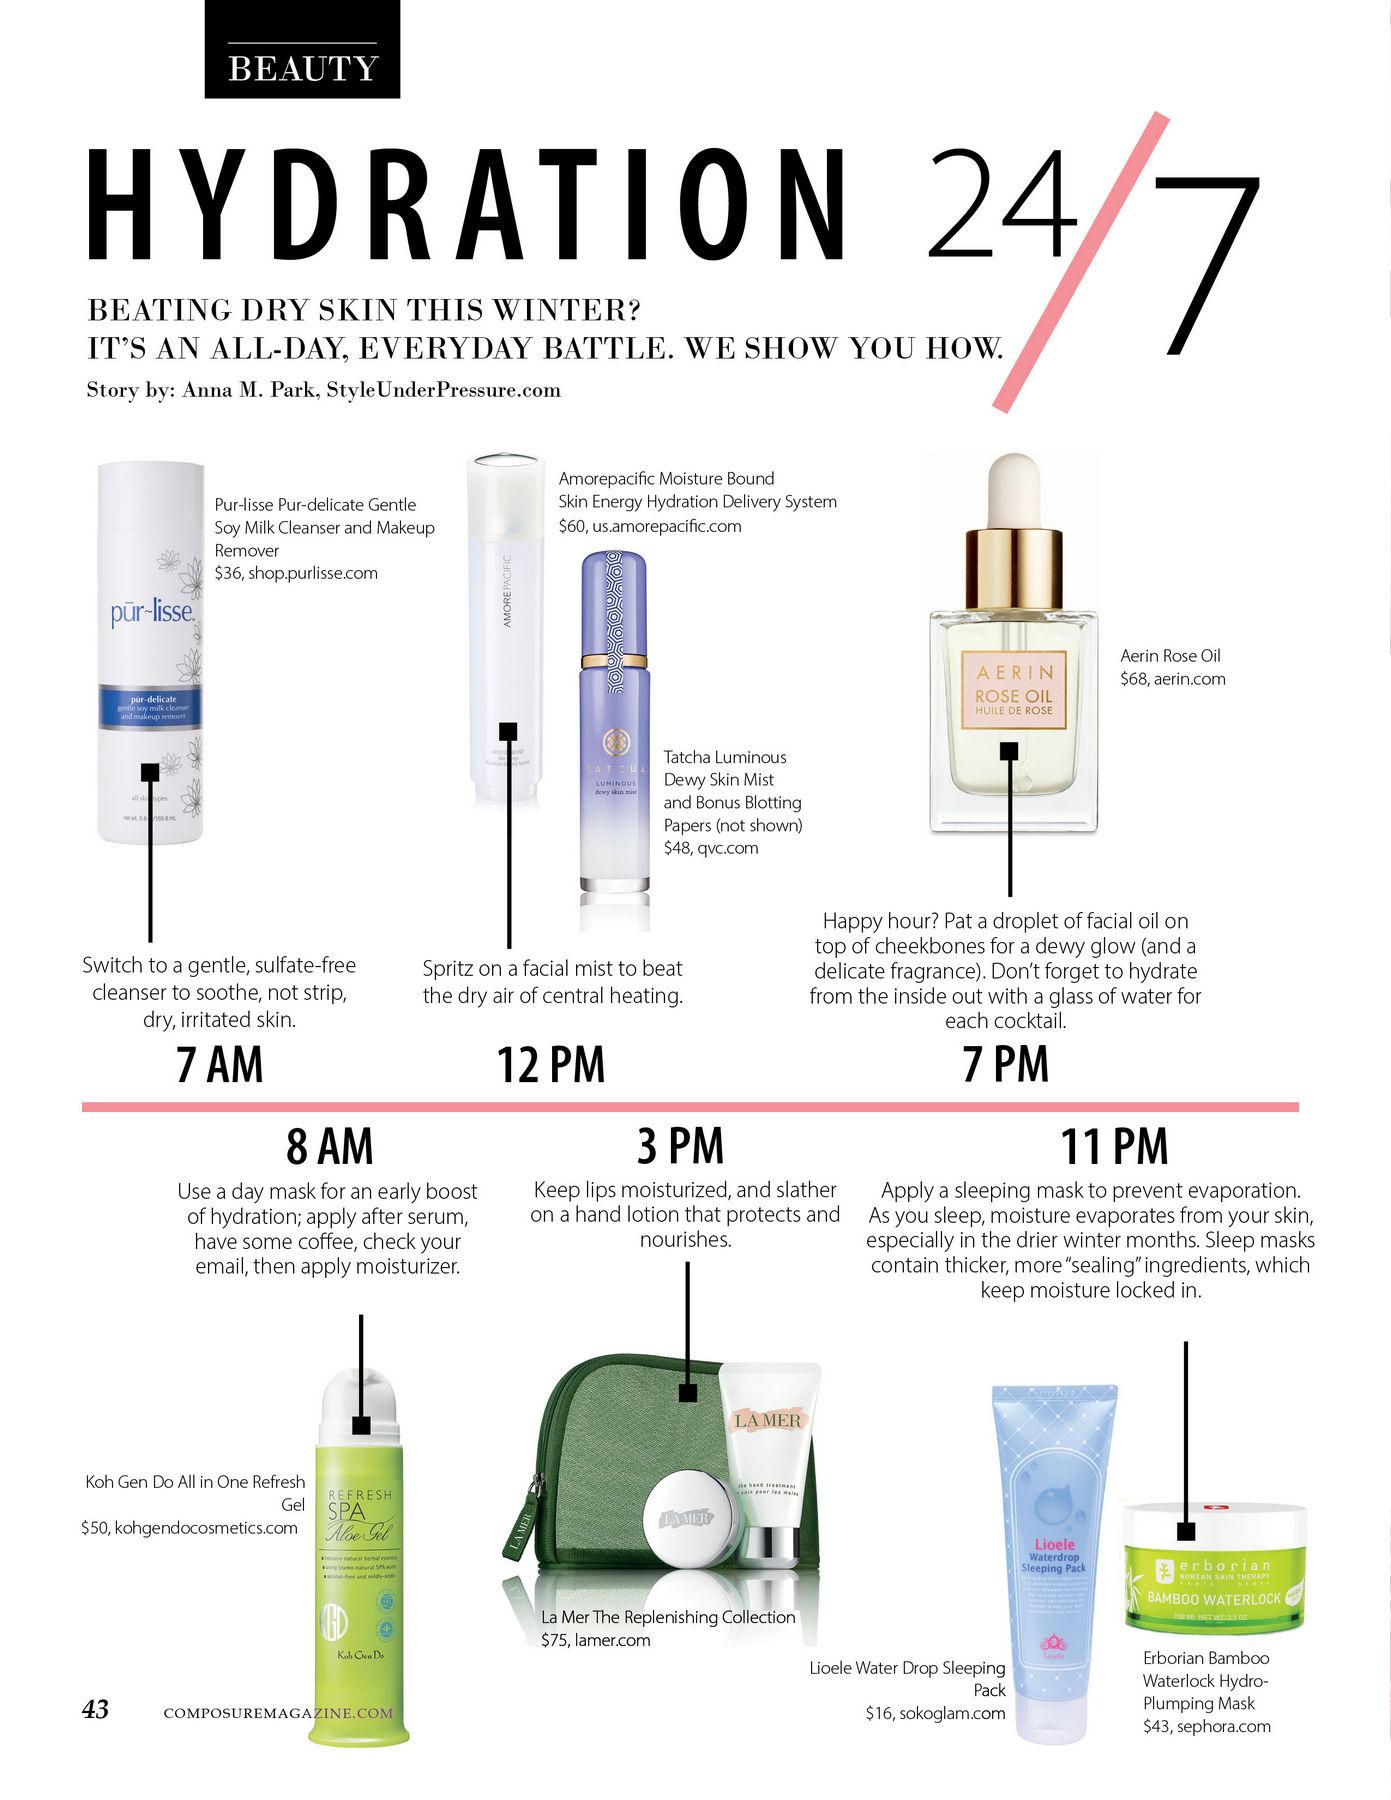 Hydration 24/7